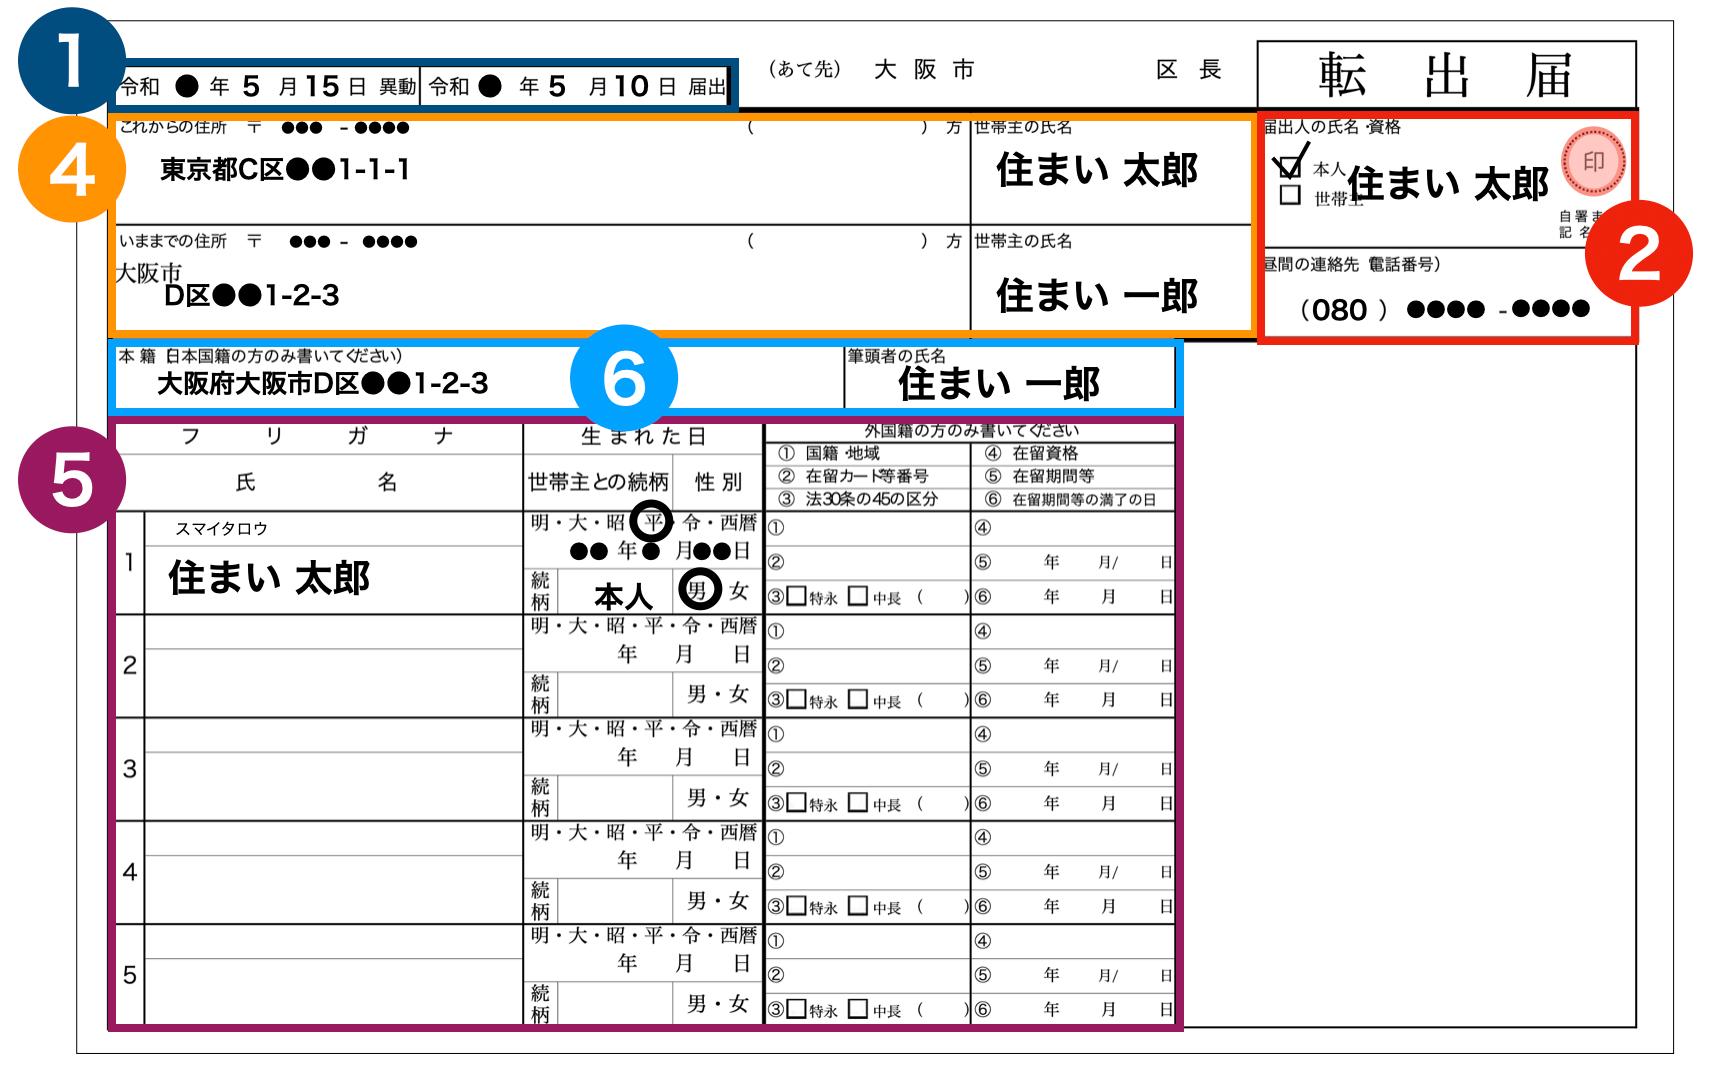 一人暮らしの場合(大阪府大阪市の用紙)の書き方